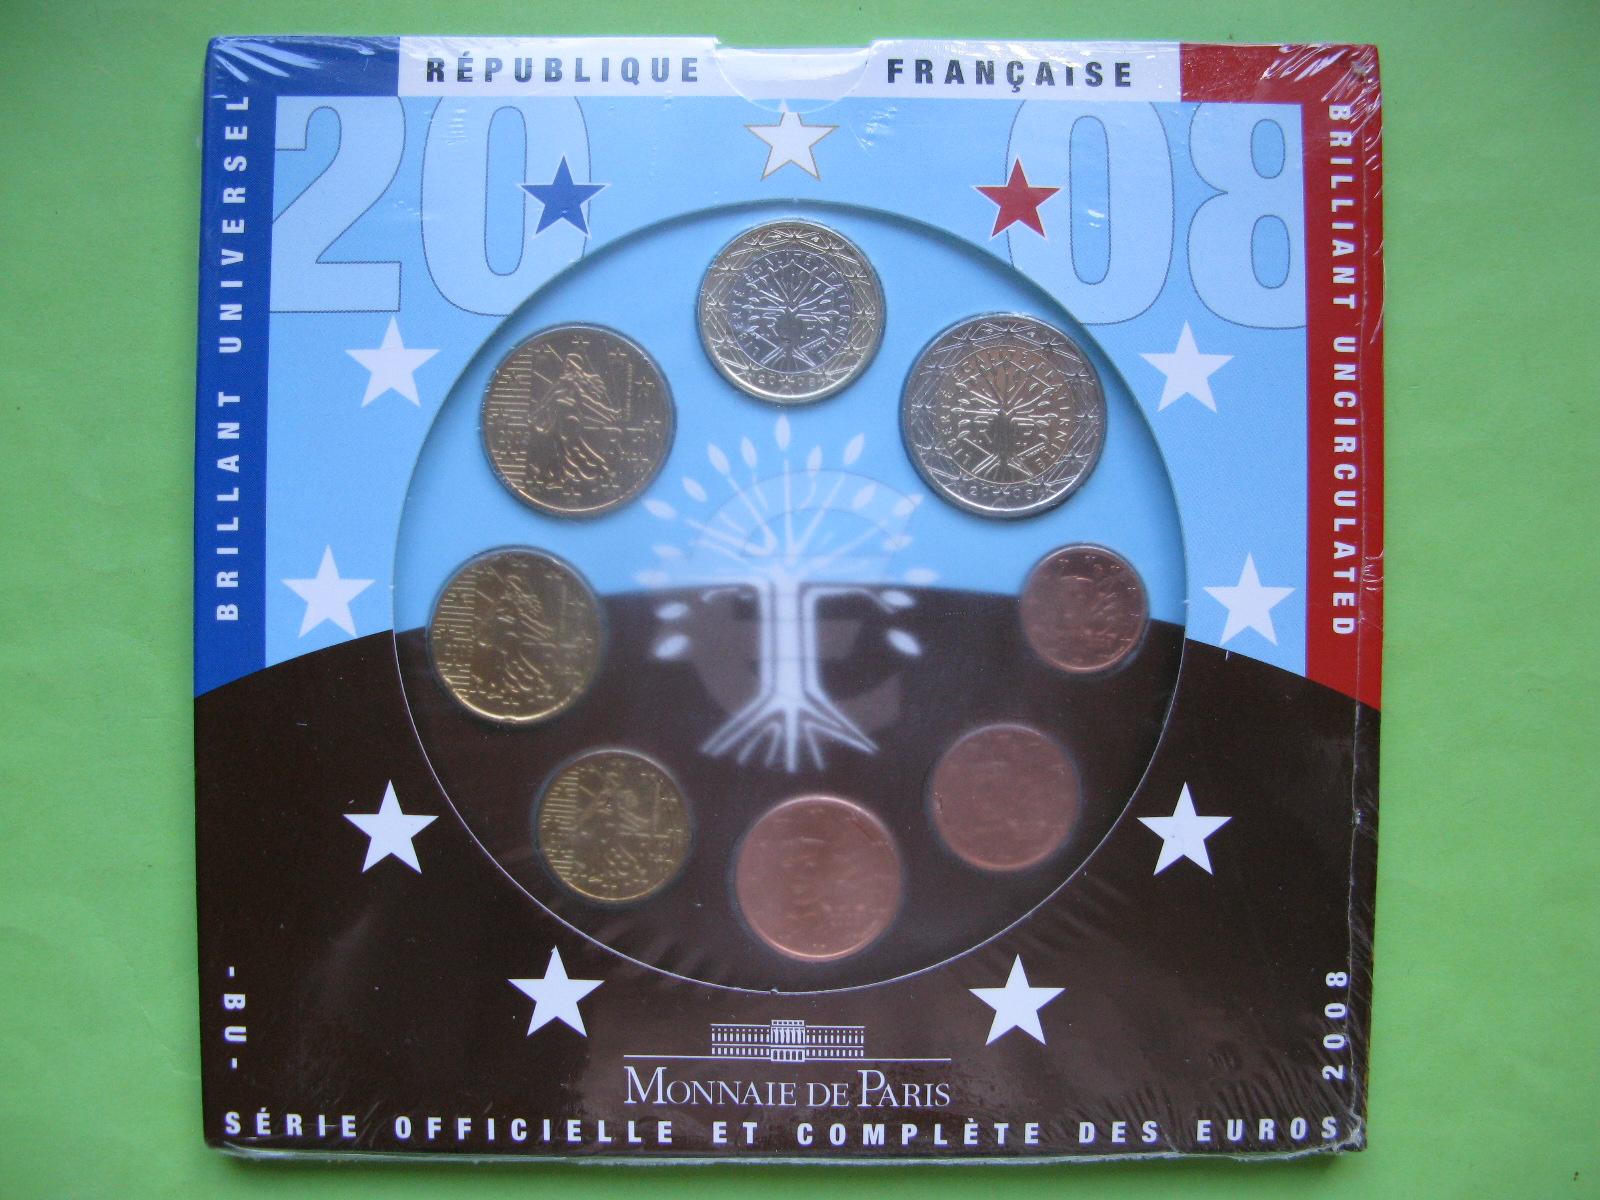 Франция официальный набор евро монет 2008 г.